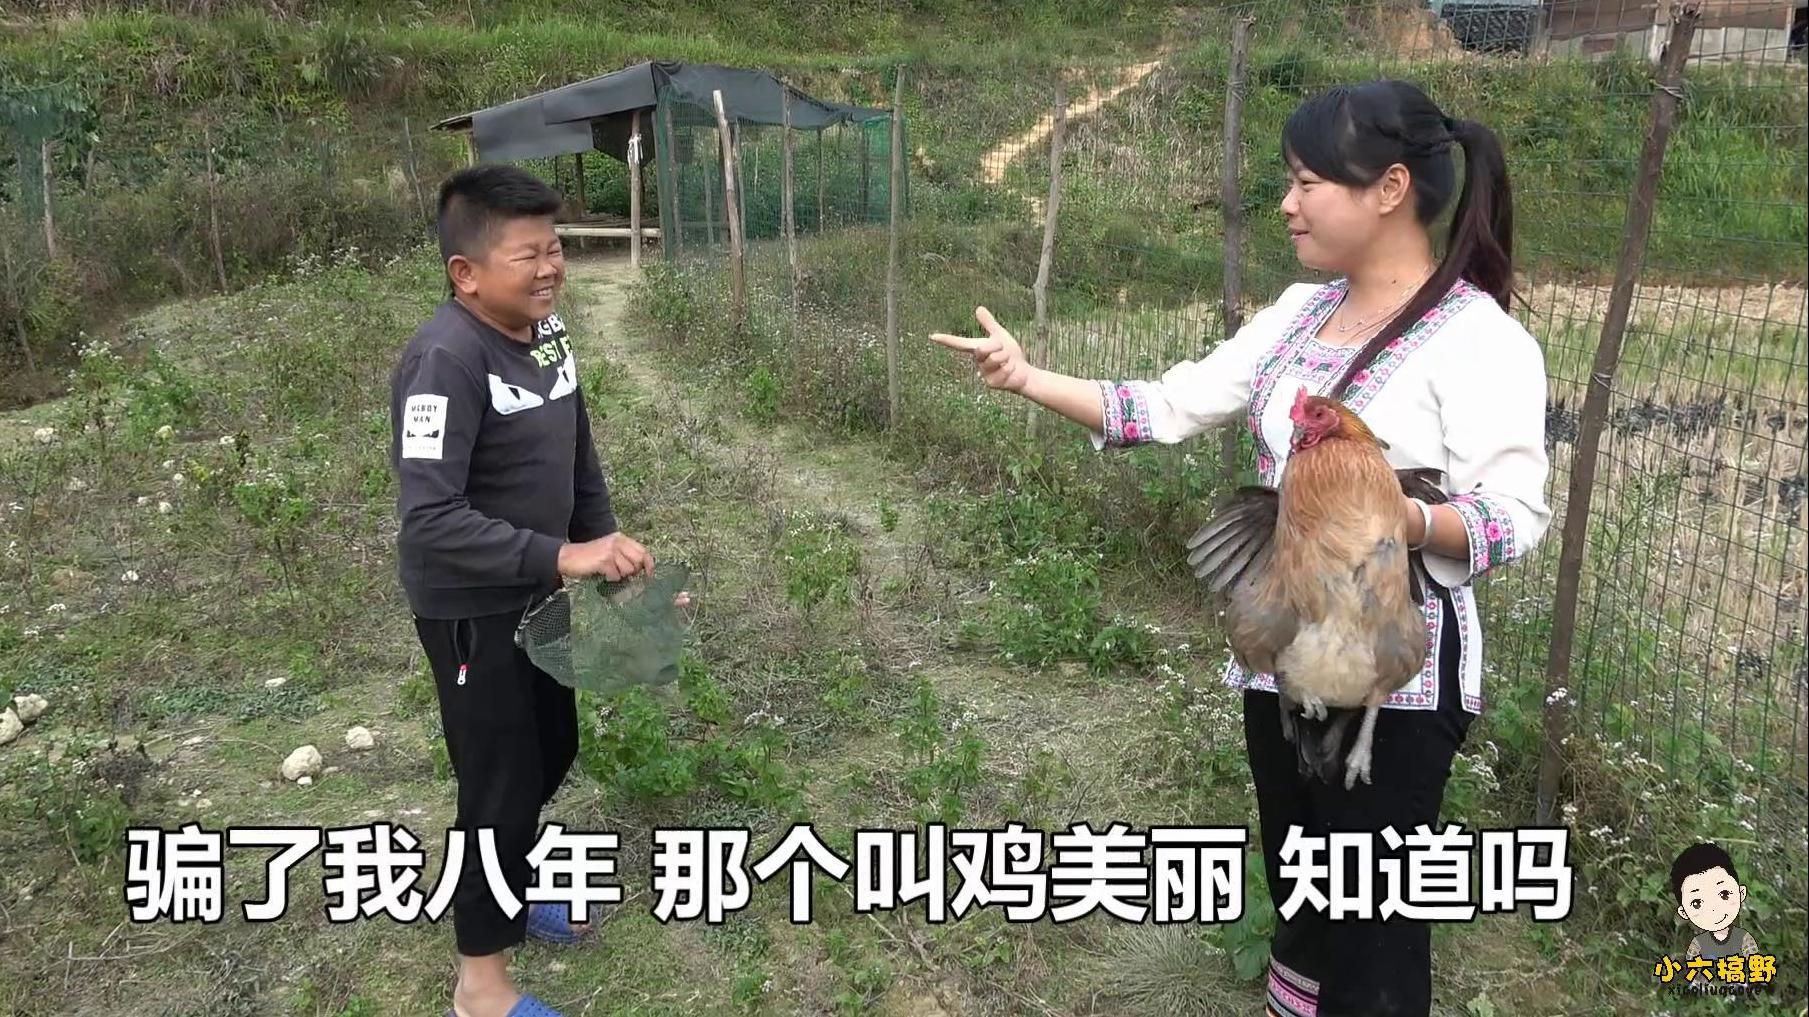 户外欢乐捉鸡,小六手起网落今晚吃鸡,秋子自爆吃了8年鸡美丽